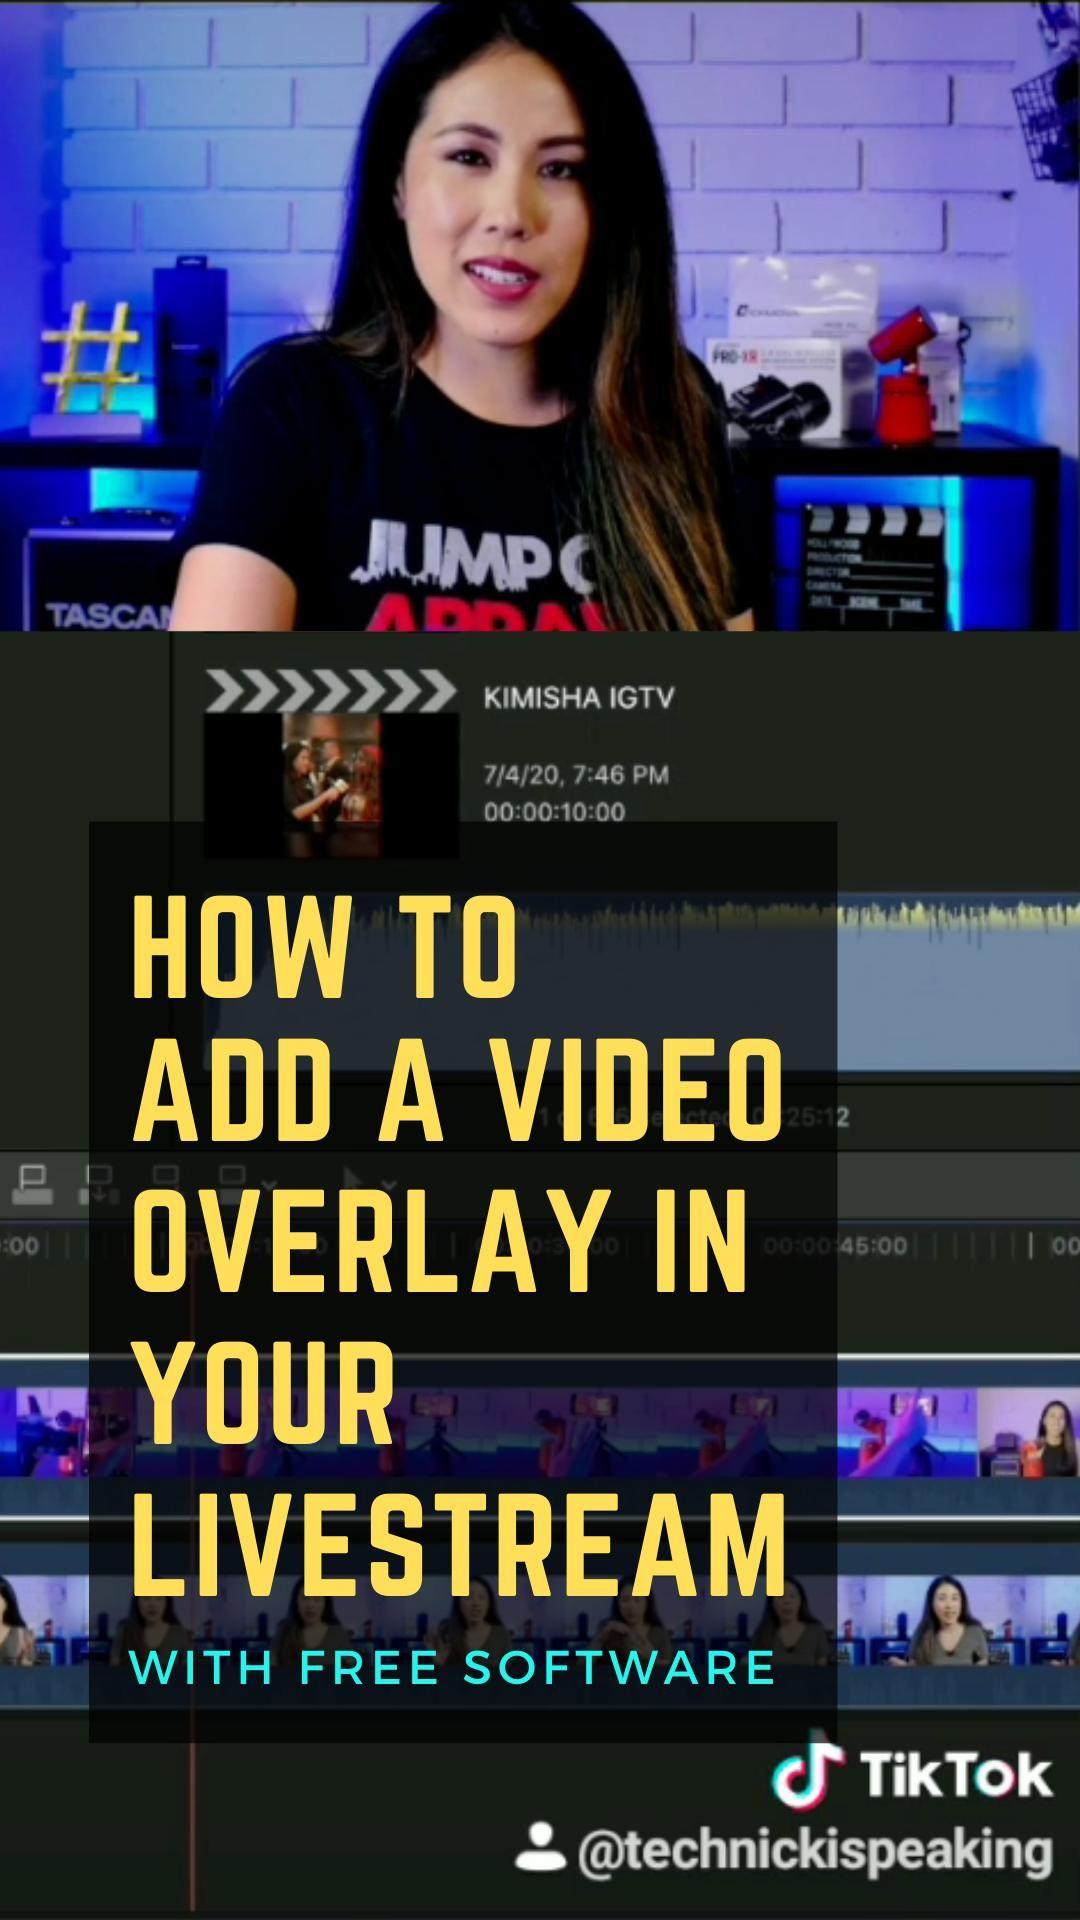 Bonbibonkers Full Last Live Stream Tiktok Youtube Streaming Online Streaming Youtube